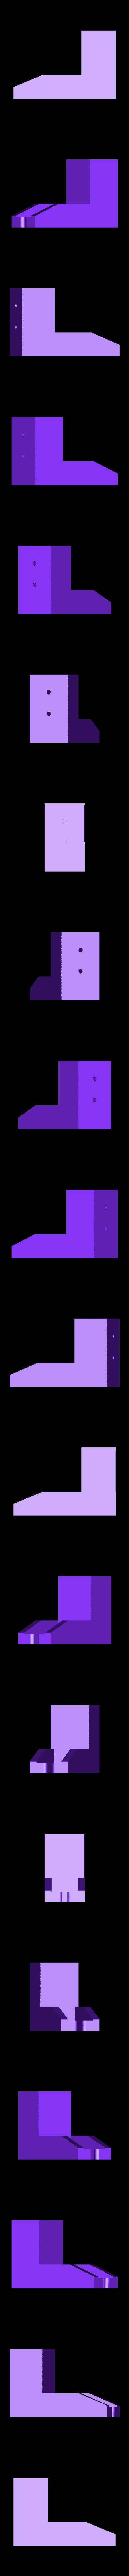 Trashcan_Lift_Part_thing.stl Télécharger fichier STL gratuit Ouverture pas à pas de la partie relevable de la poubelle • Design à imprimer en 3D, LarryBerstilta